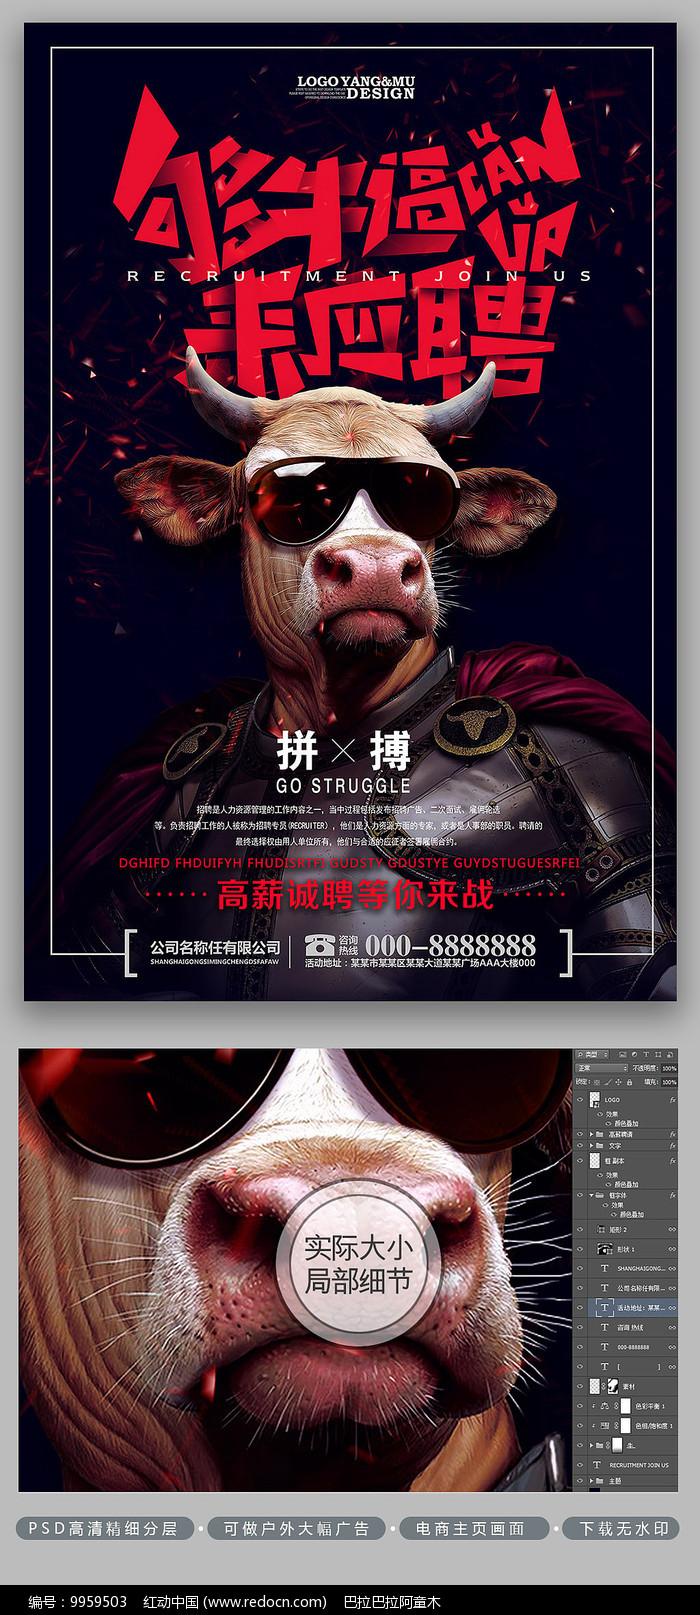 创意够牛逼来应聘招聘海报